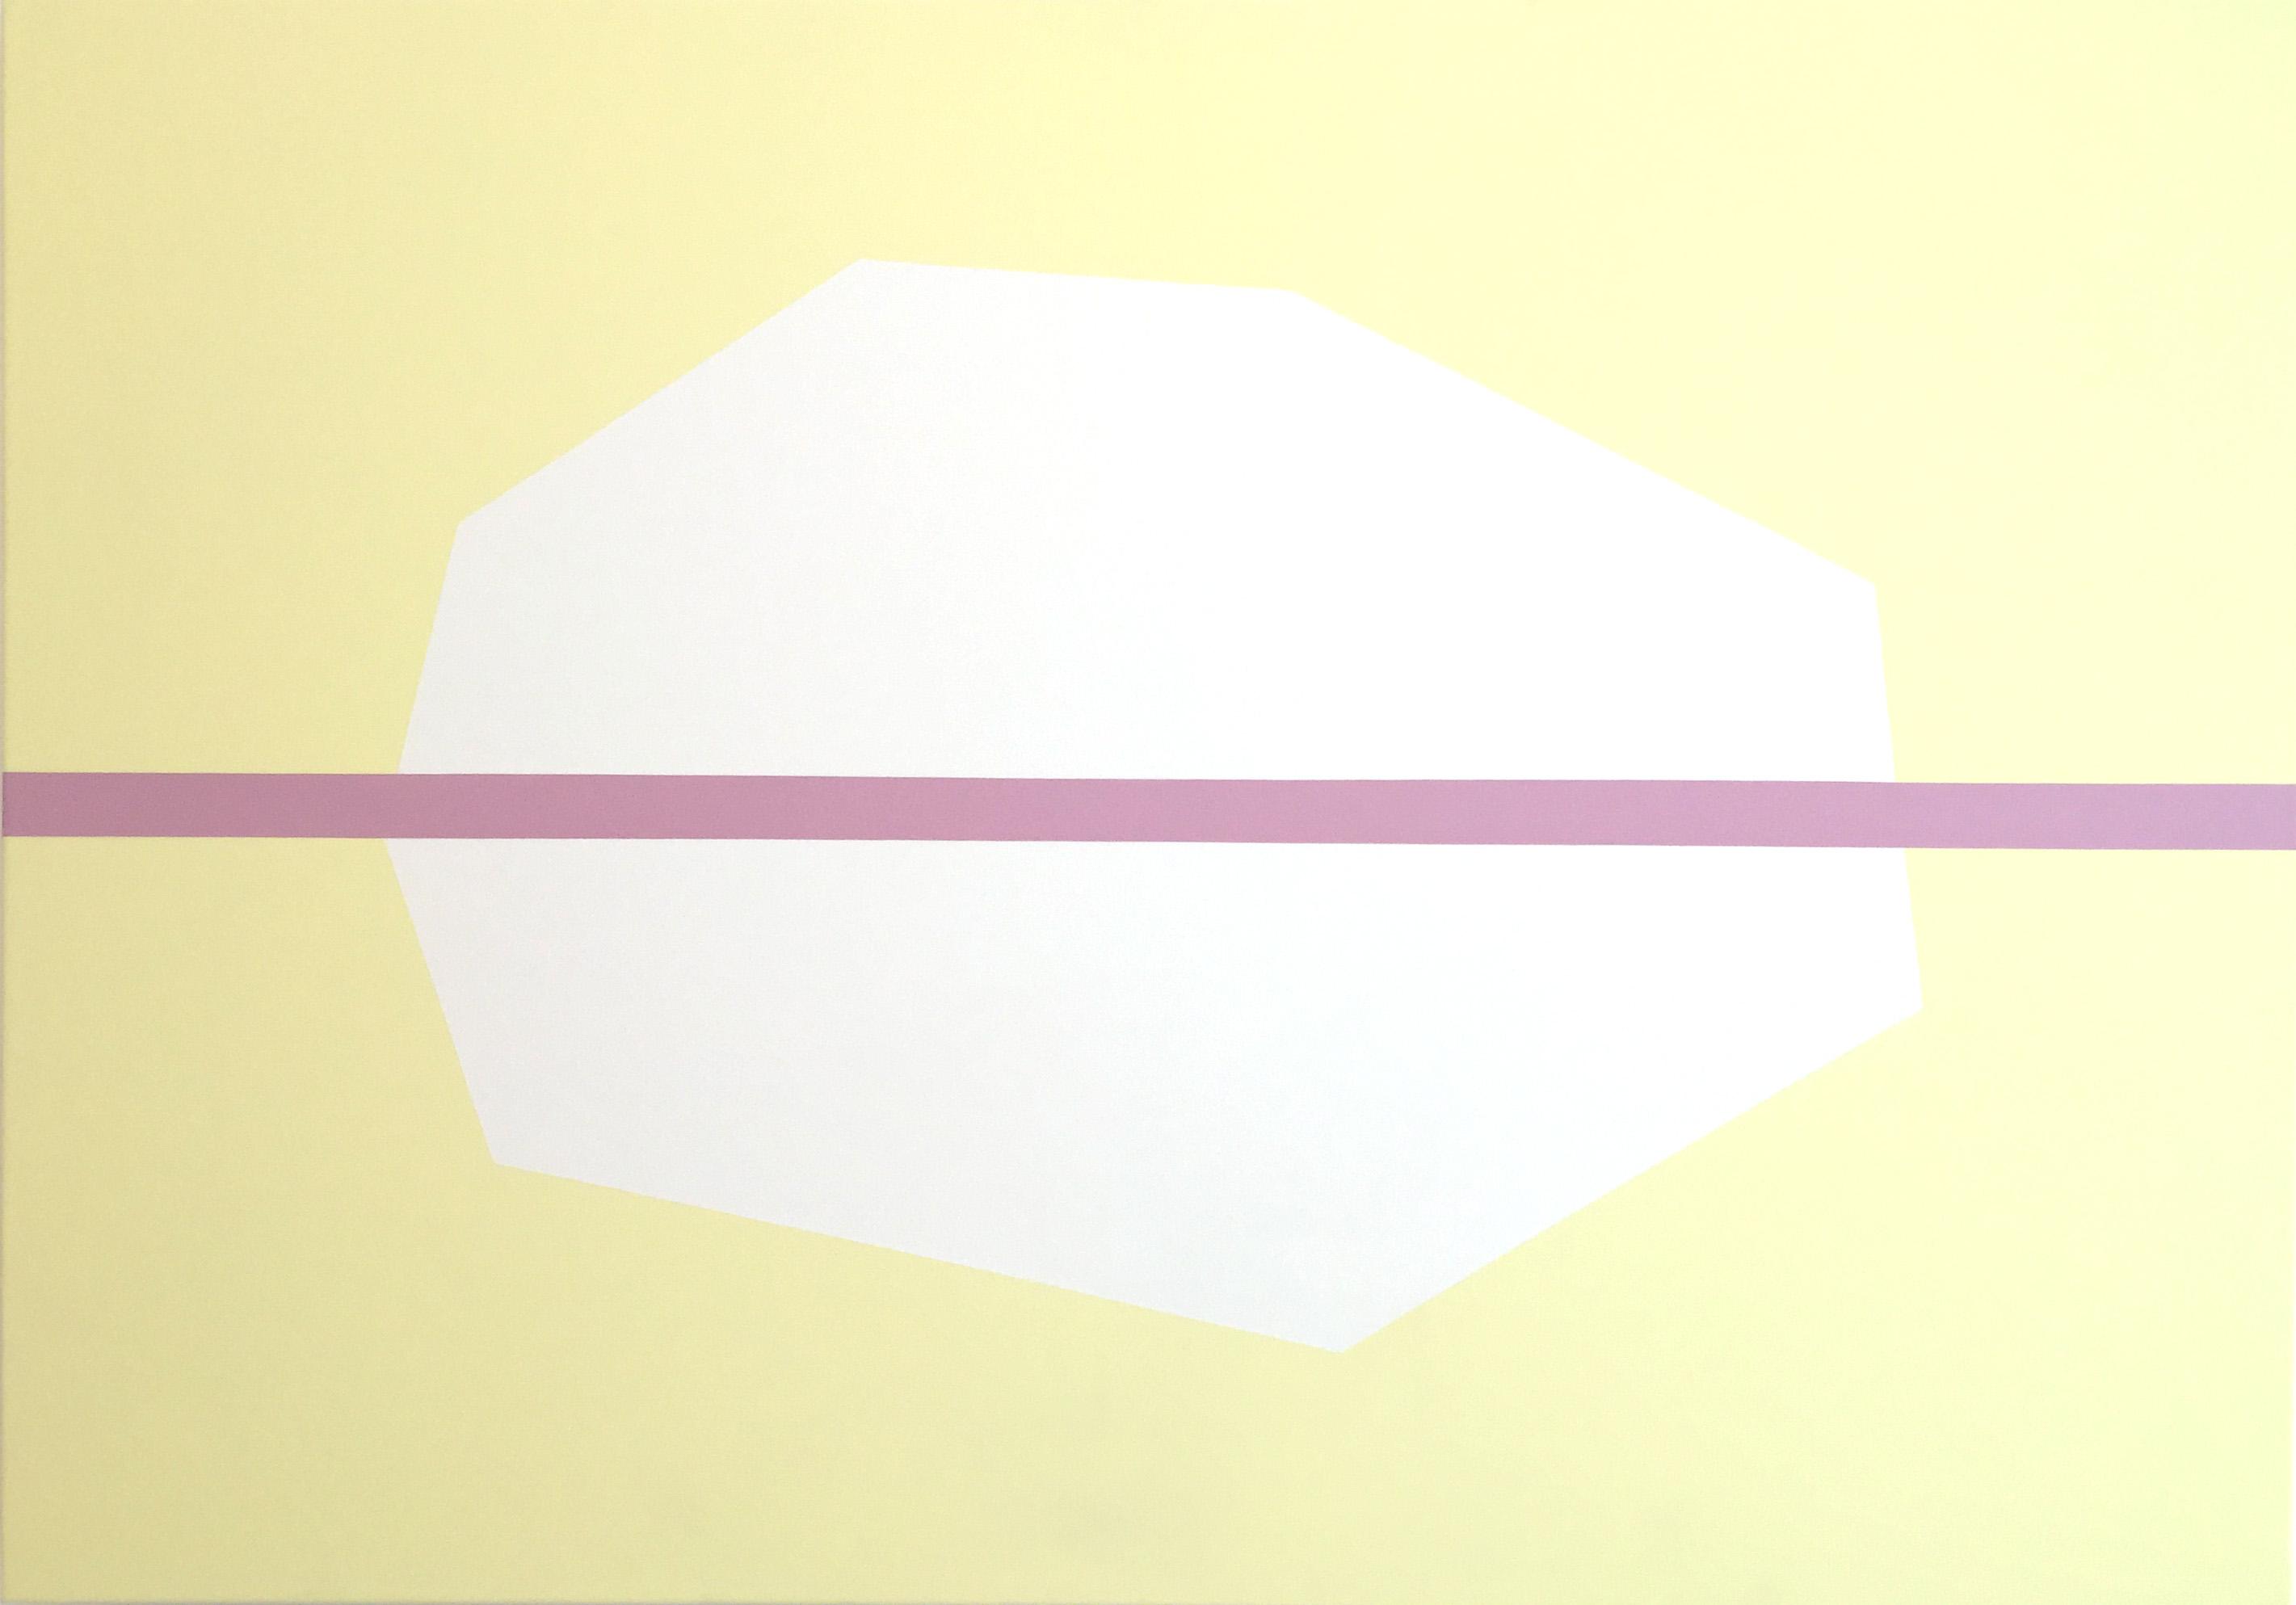 Sin título, 2015, acrílico sobre lienzo, 114 x 162 cm.